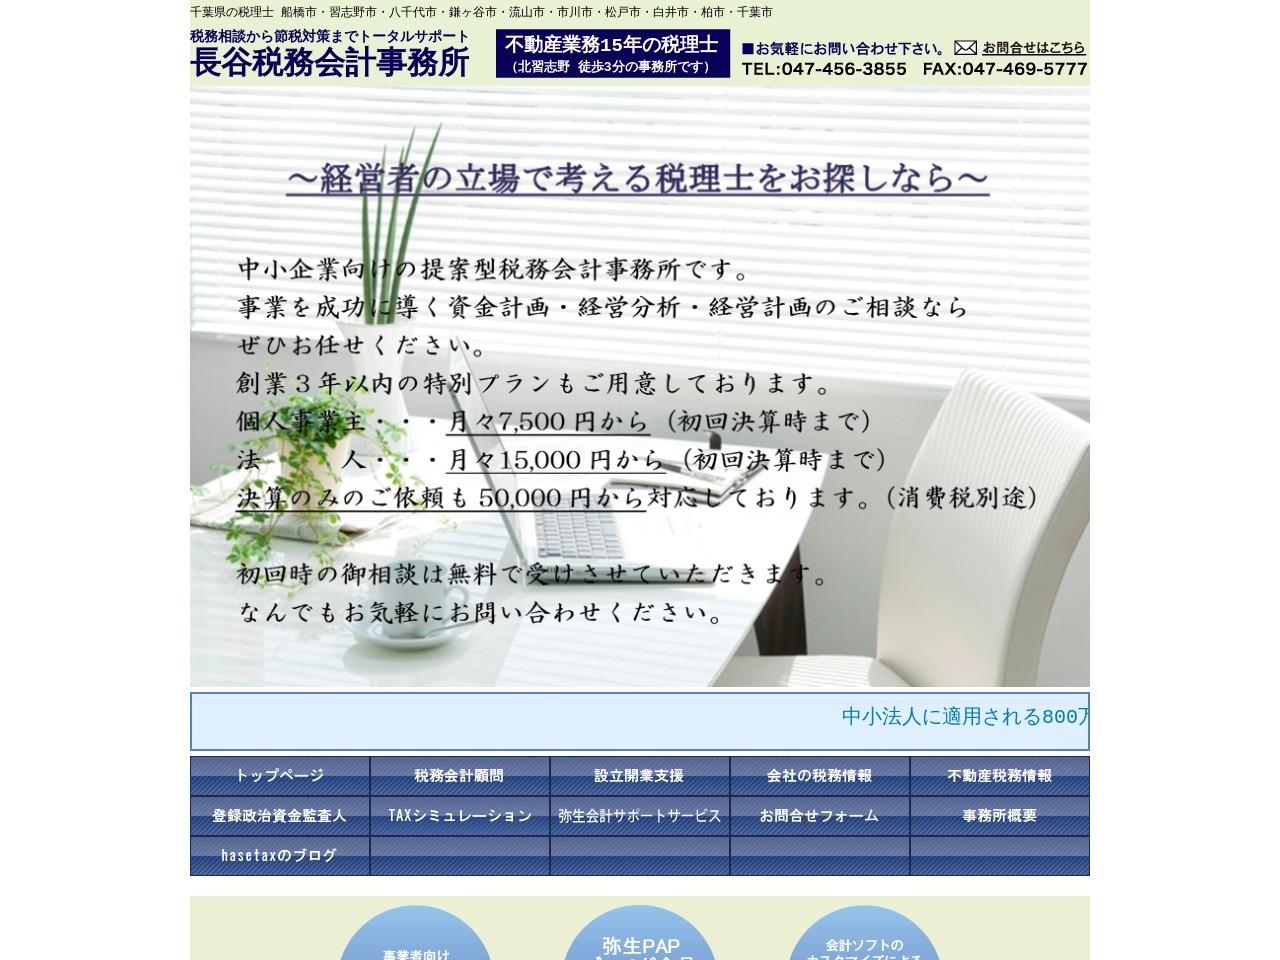 長谷税務会計事務所